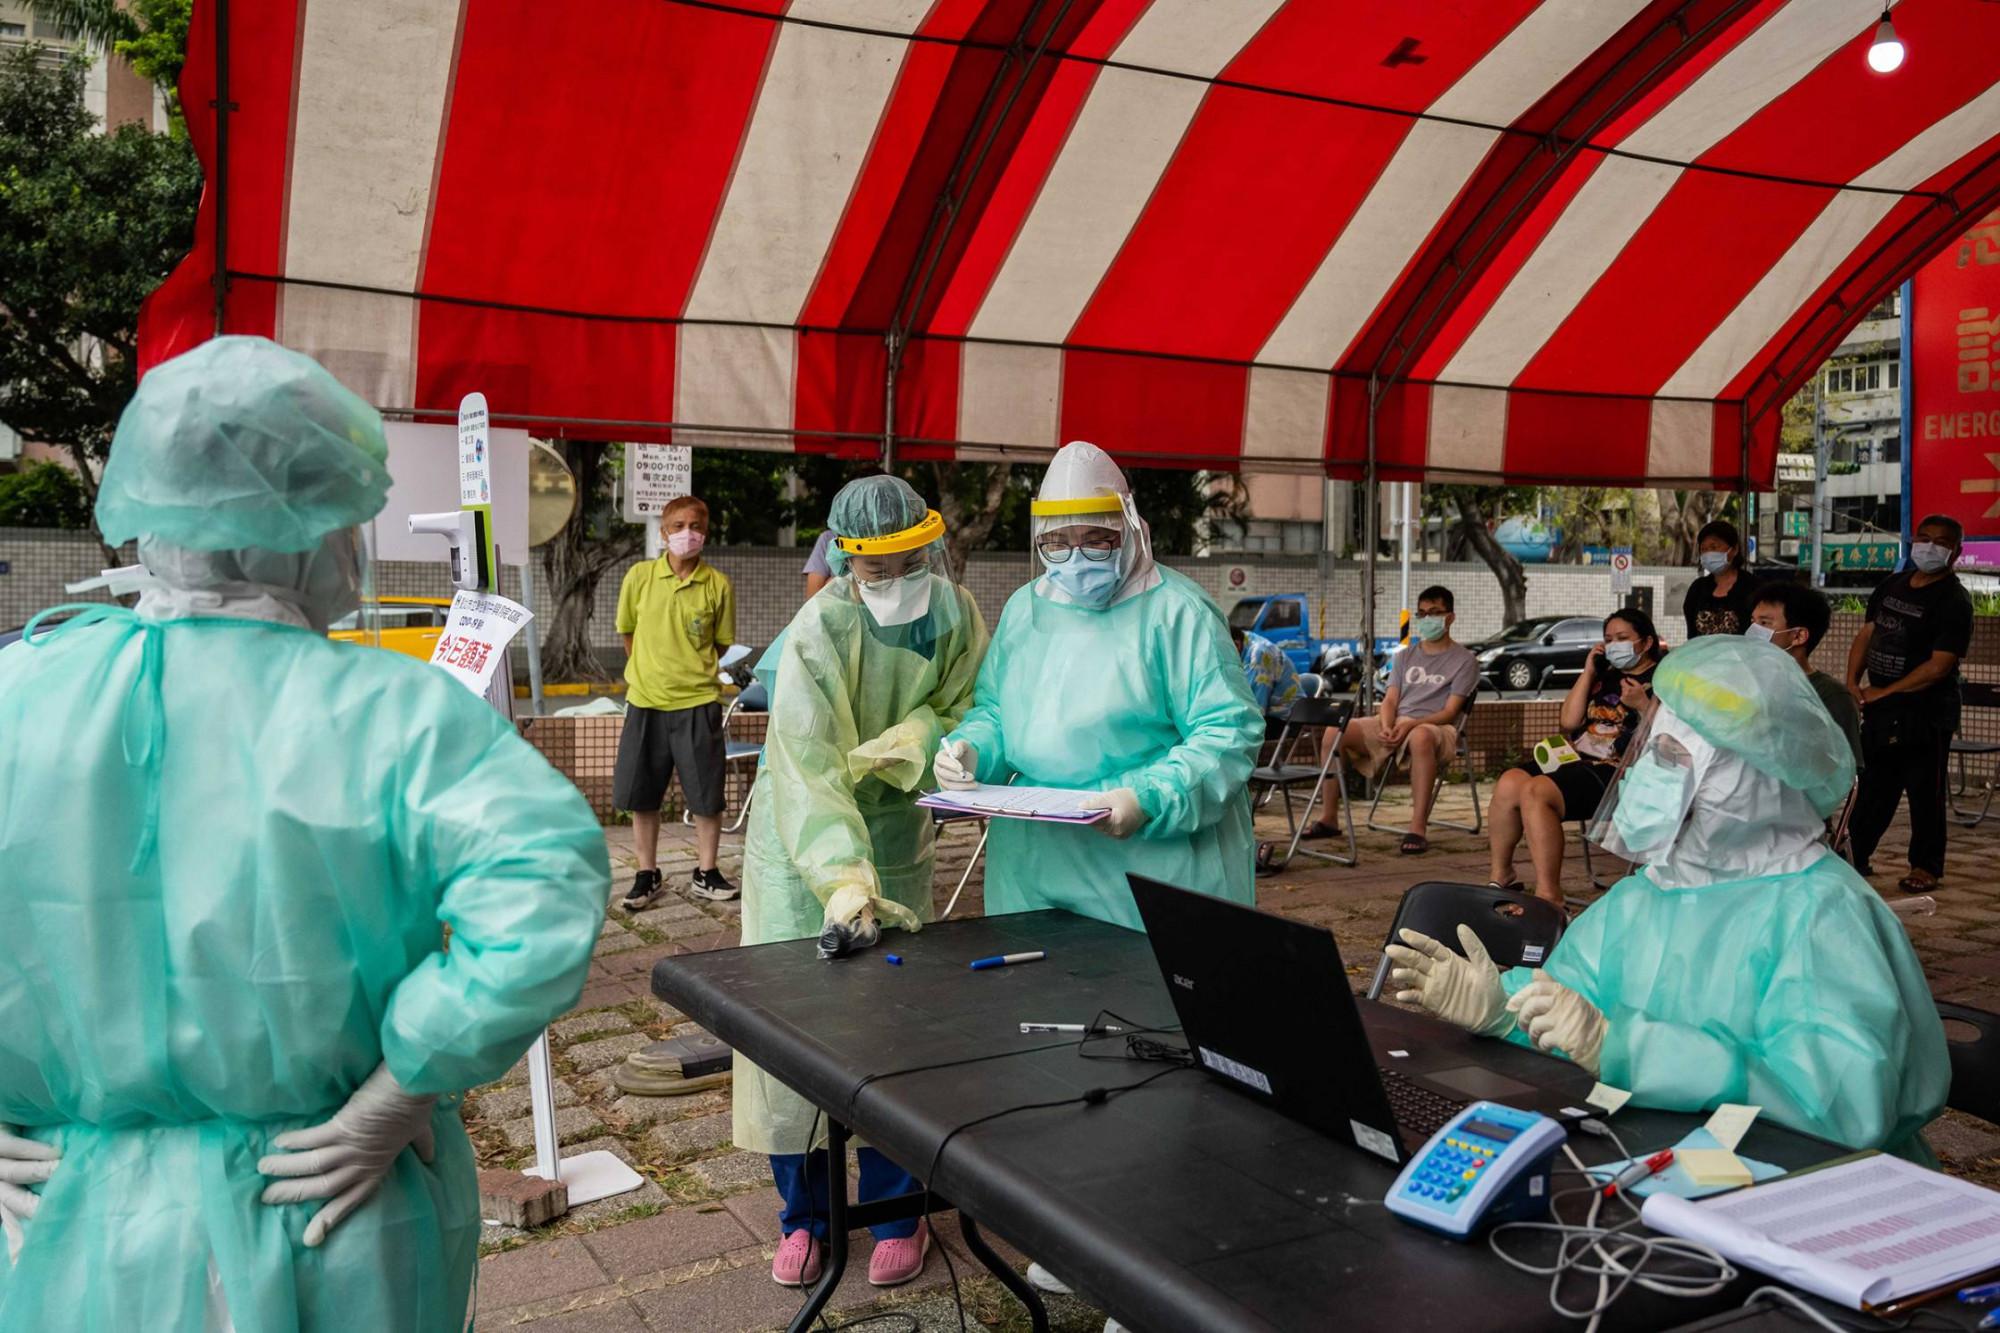 Tỷ lệ người dân được tiêm vắc xin COVID-19 vẫn chưa được cao - Ảnh: Billy H.C. Kwok/Bloomberg/Getty Images